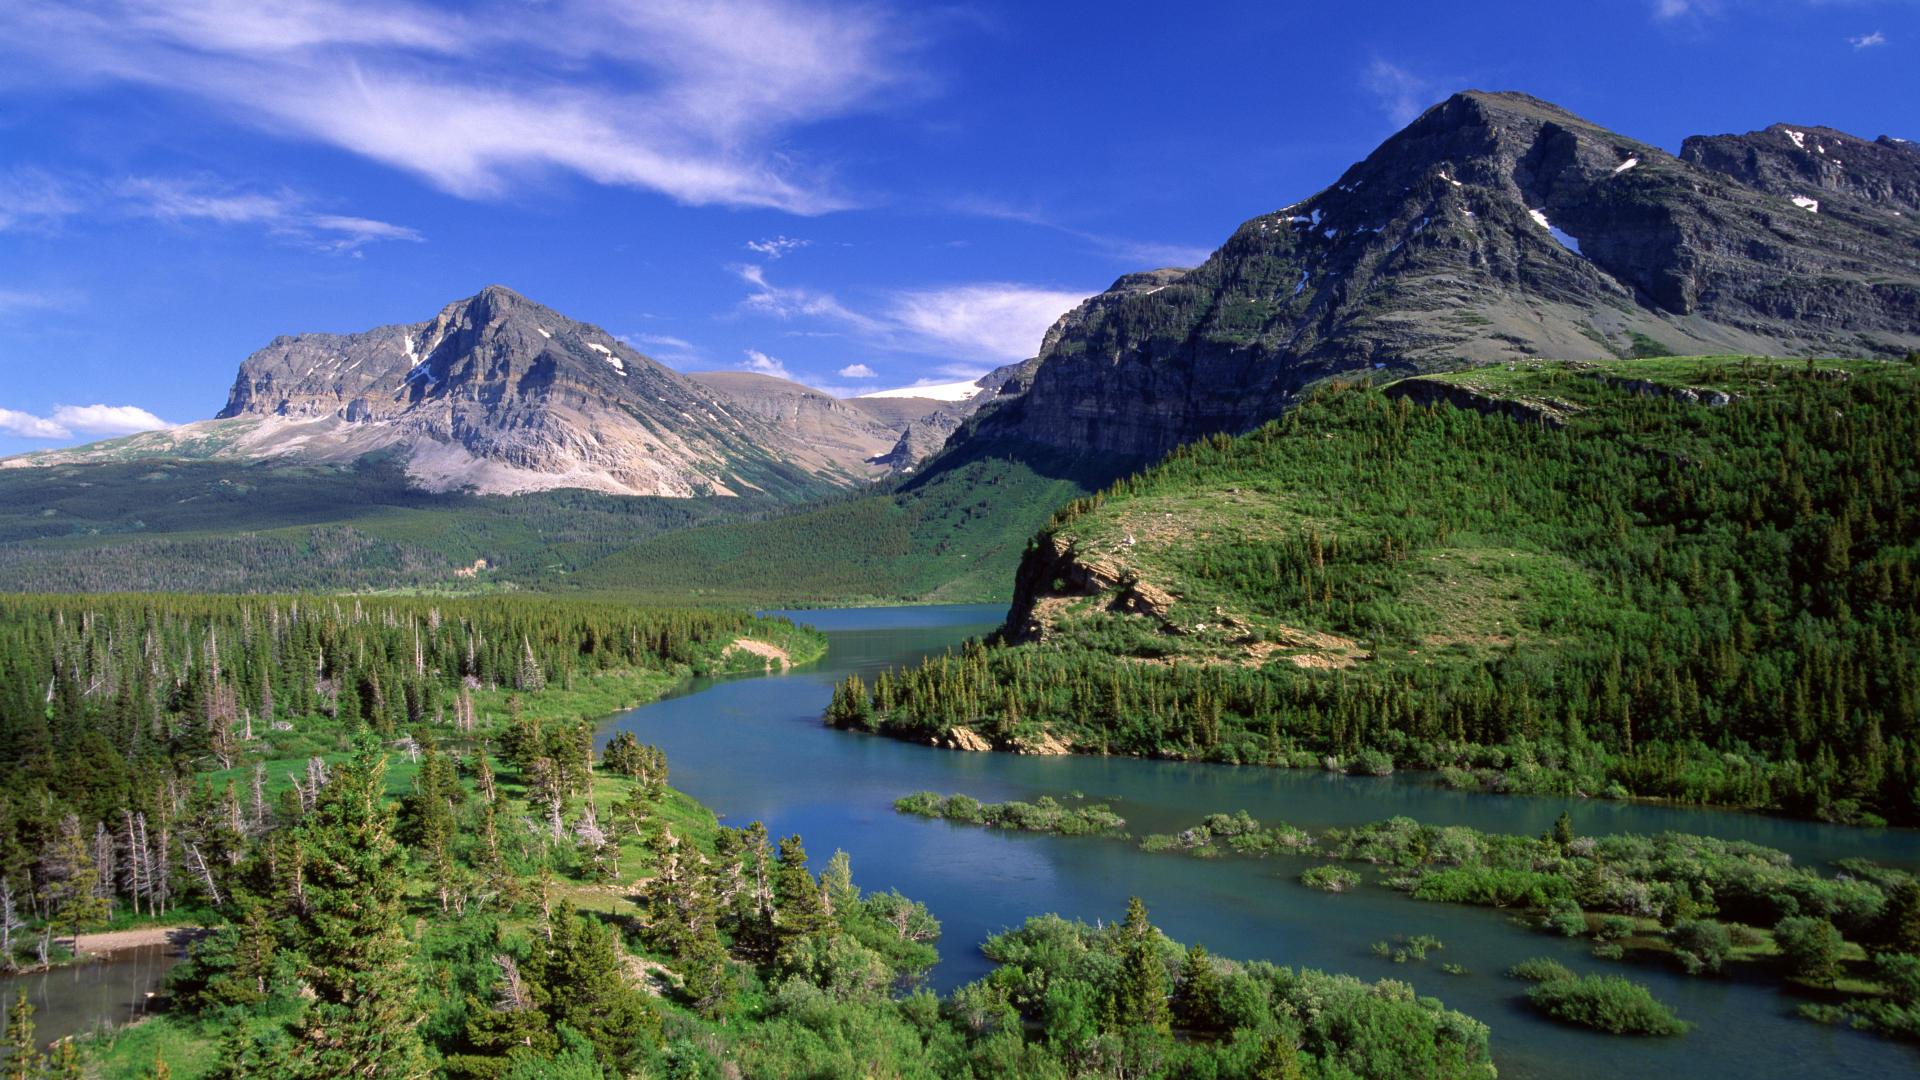 Free Download Pagina Principale Natura Sfondi Hd Montana Wallpaper